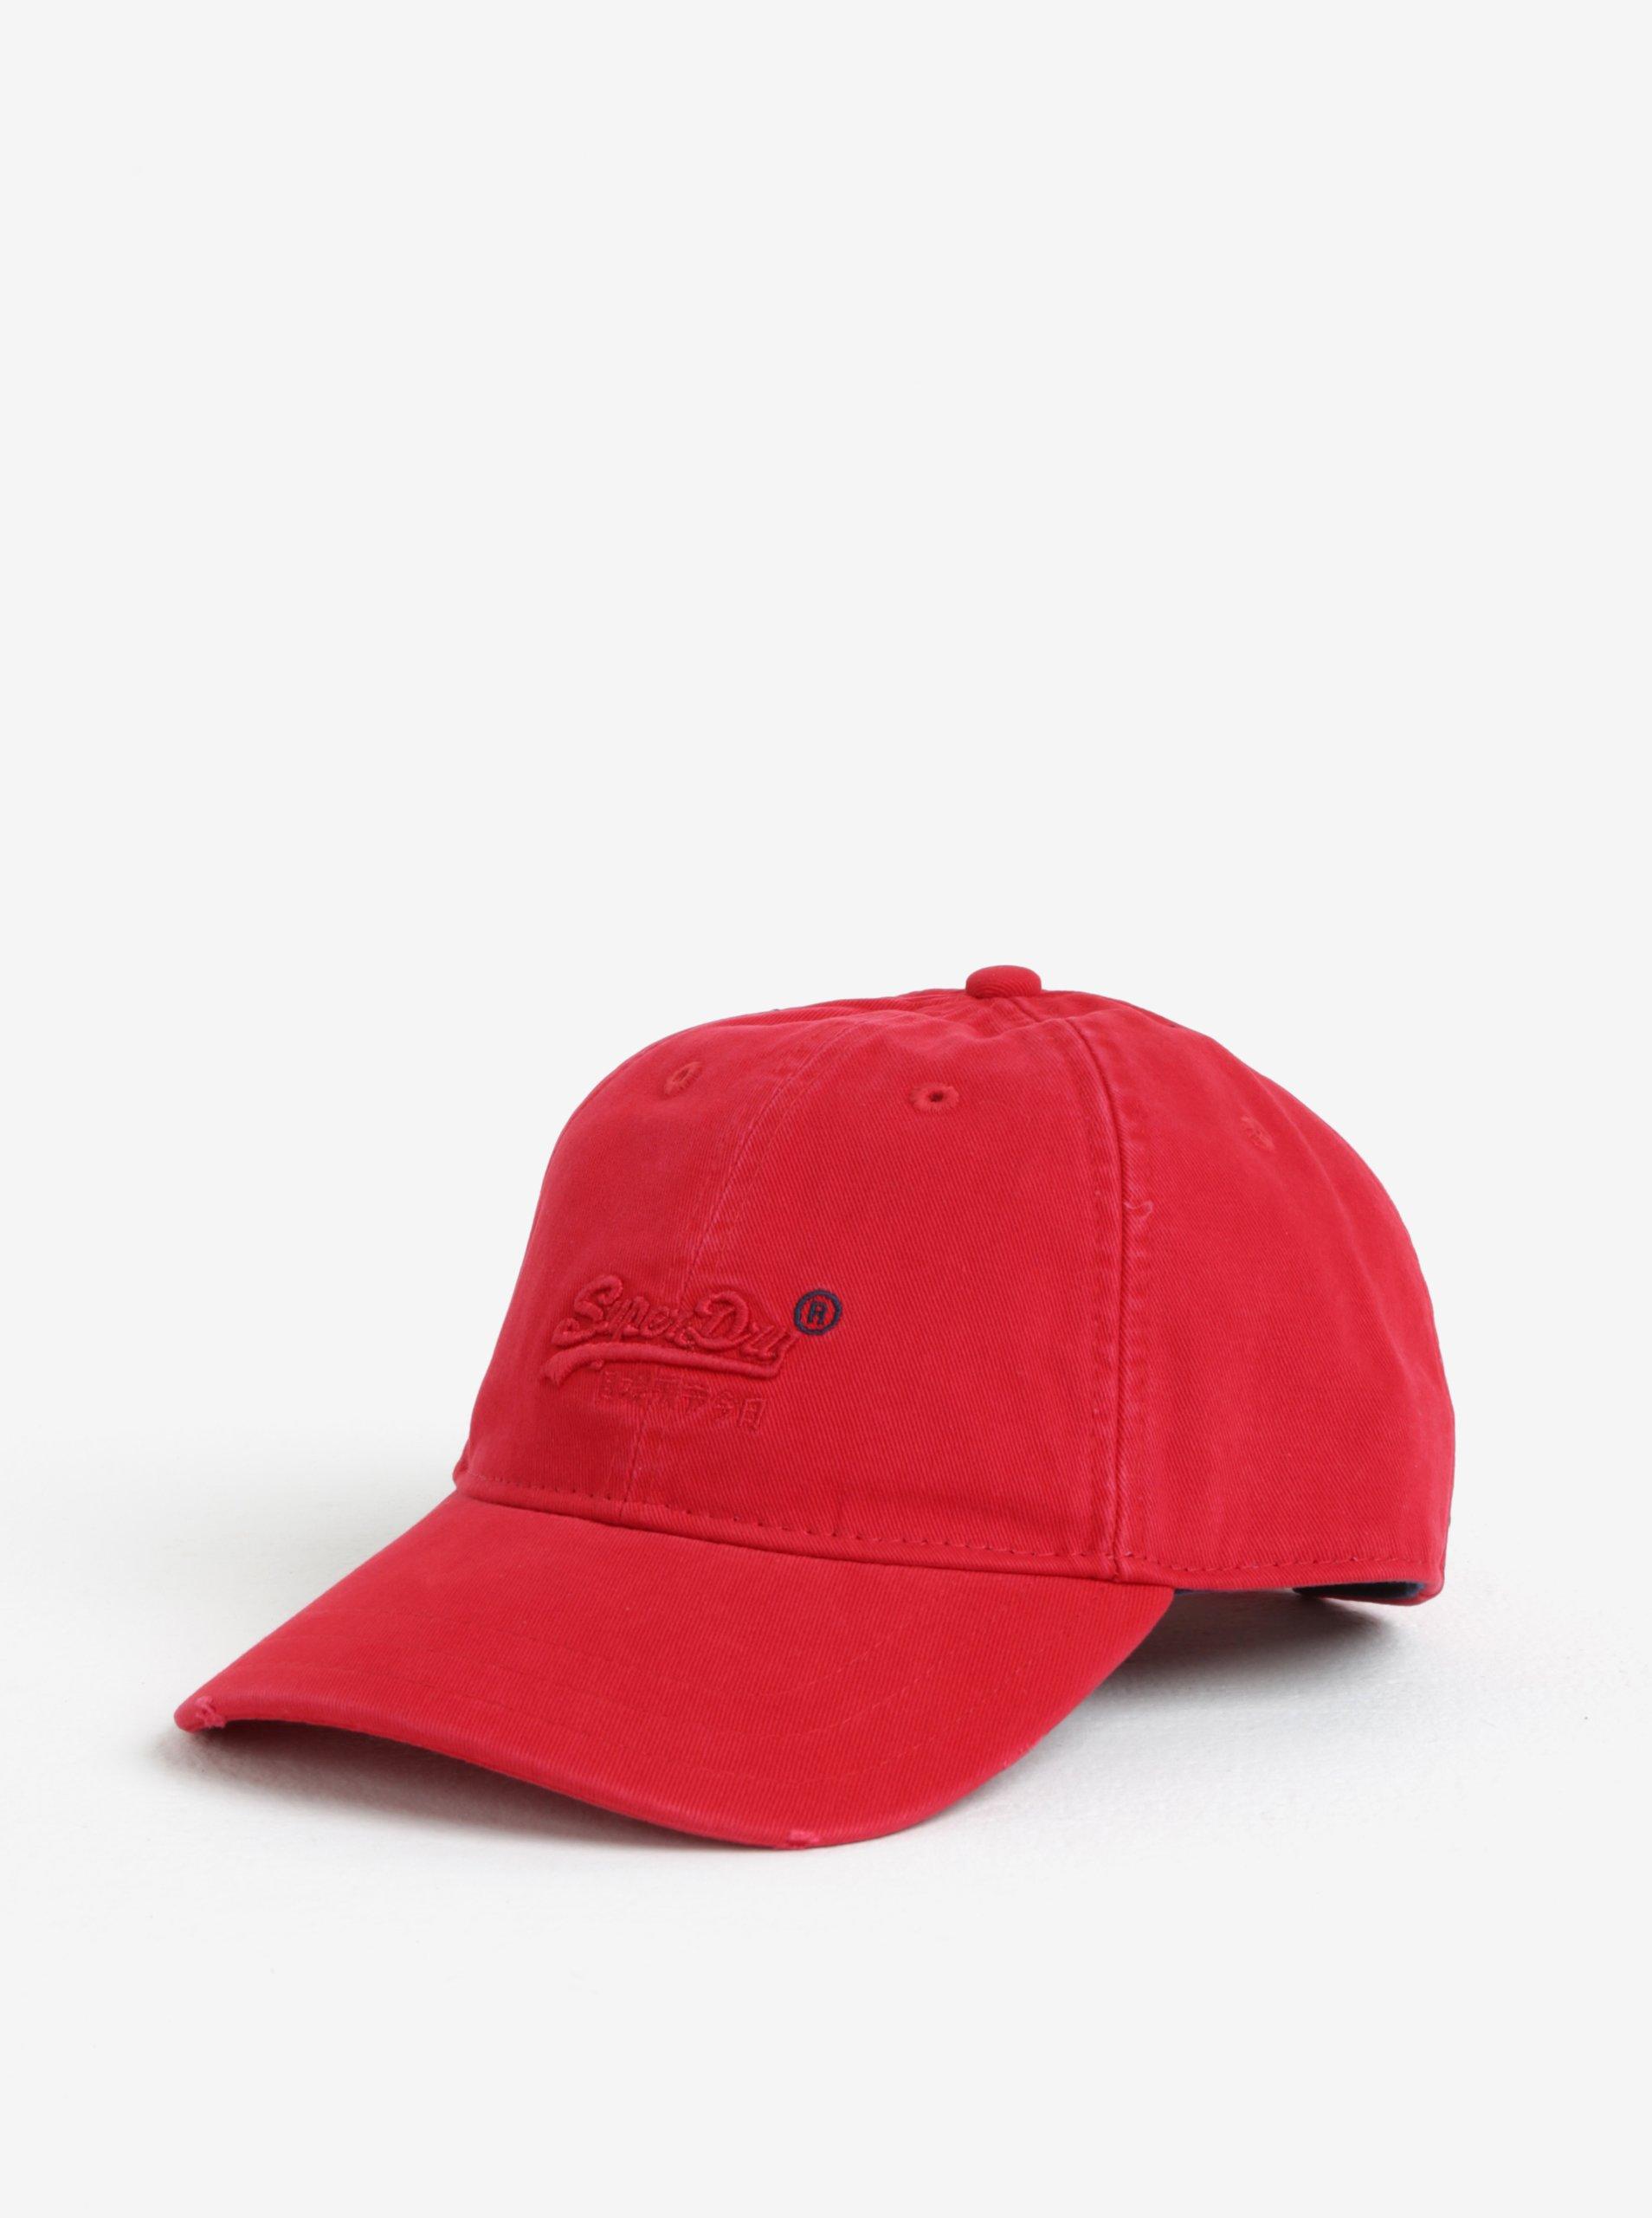 Červená pánska šiltovka s výšivkou Superdry 5f001eedffe